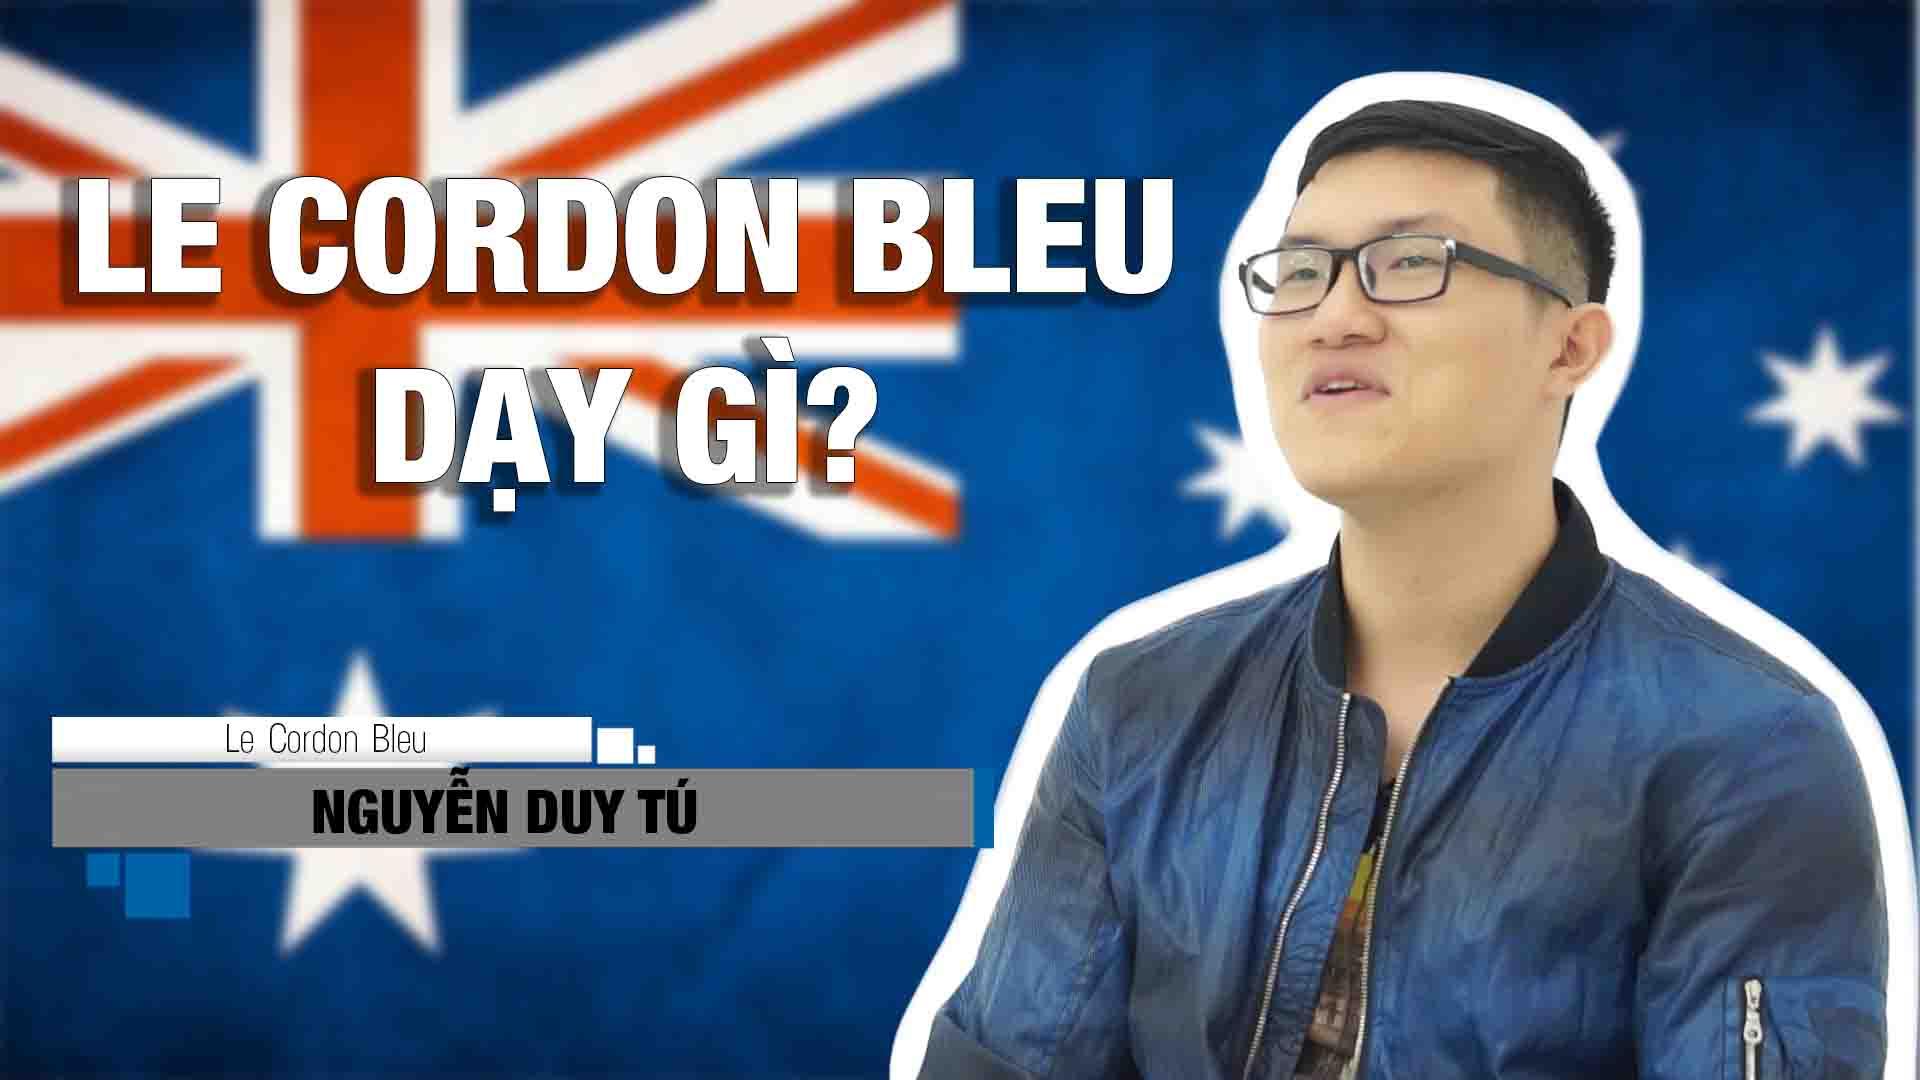 Le Cordon Bleu ở Úc dạy gì nhỉ? Chương trình học có khó không? Thầy cô giáo bạn bè ở đó như thế nào? Lắng nghe chia sẻ của bạn Nguyễn Duy Tú đang học Hotel Management tại Le Cordon Bleu Adelaide nhé.